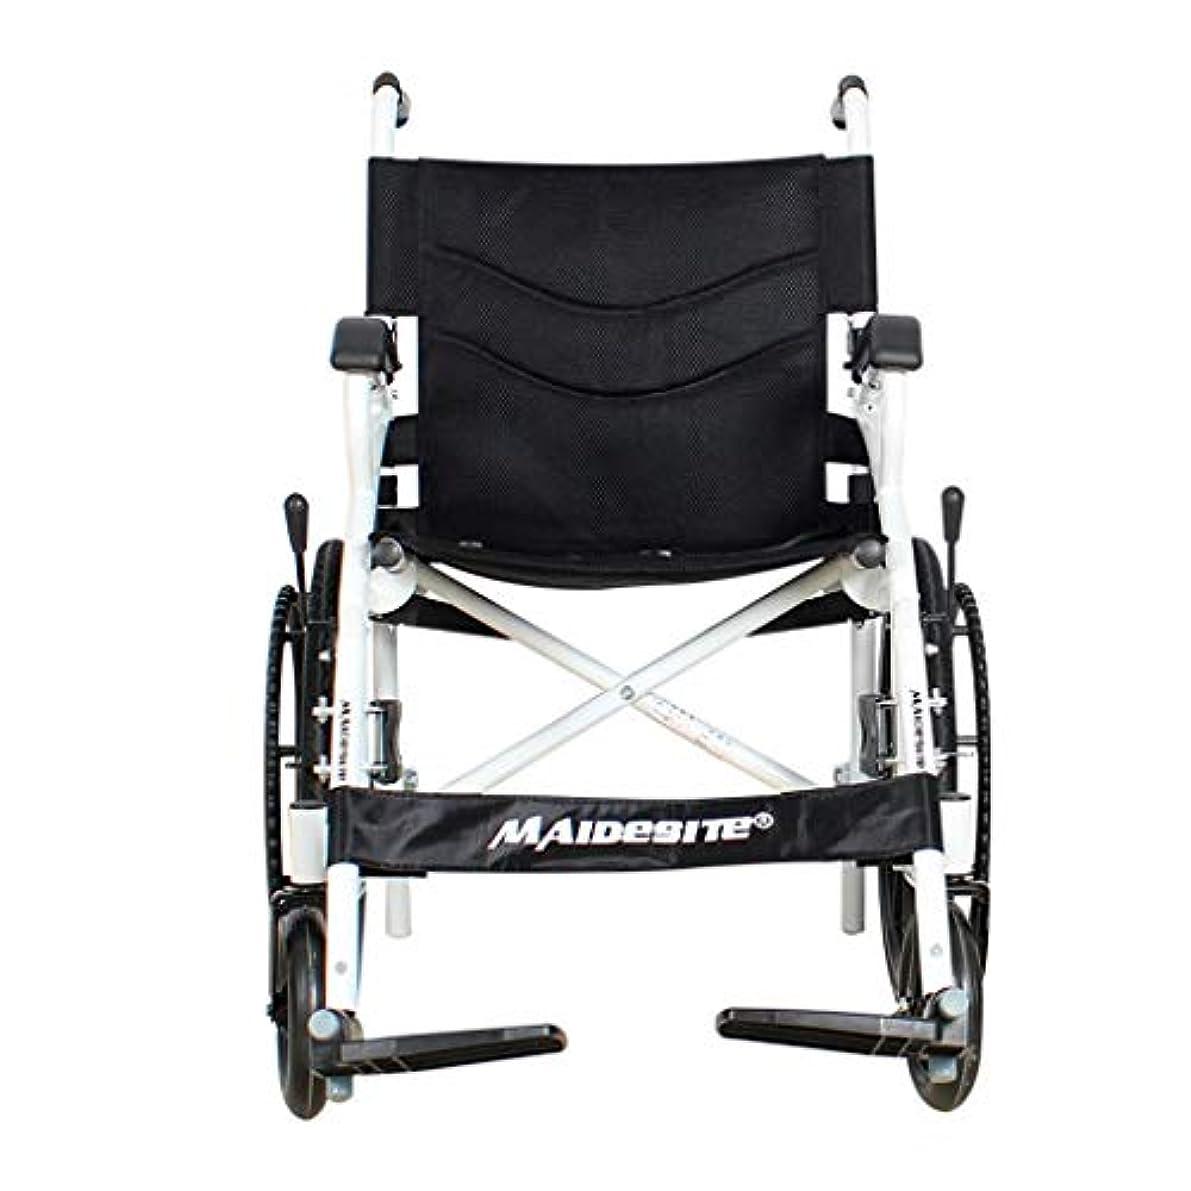 相関する舗装する相続人折り畳み式車椅子は、高齢者、身体障害者、および屋外旅行のリハビリテーション患者向けに簡単に保管できます。